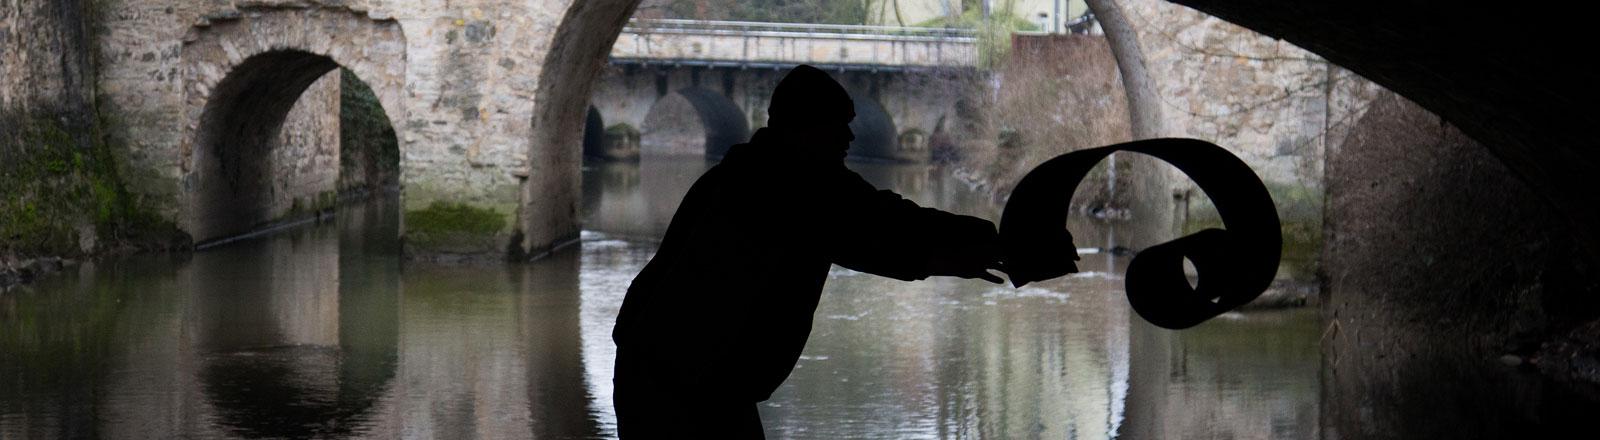 Obdachloser unter einer Brücke